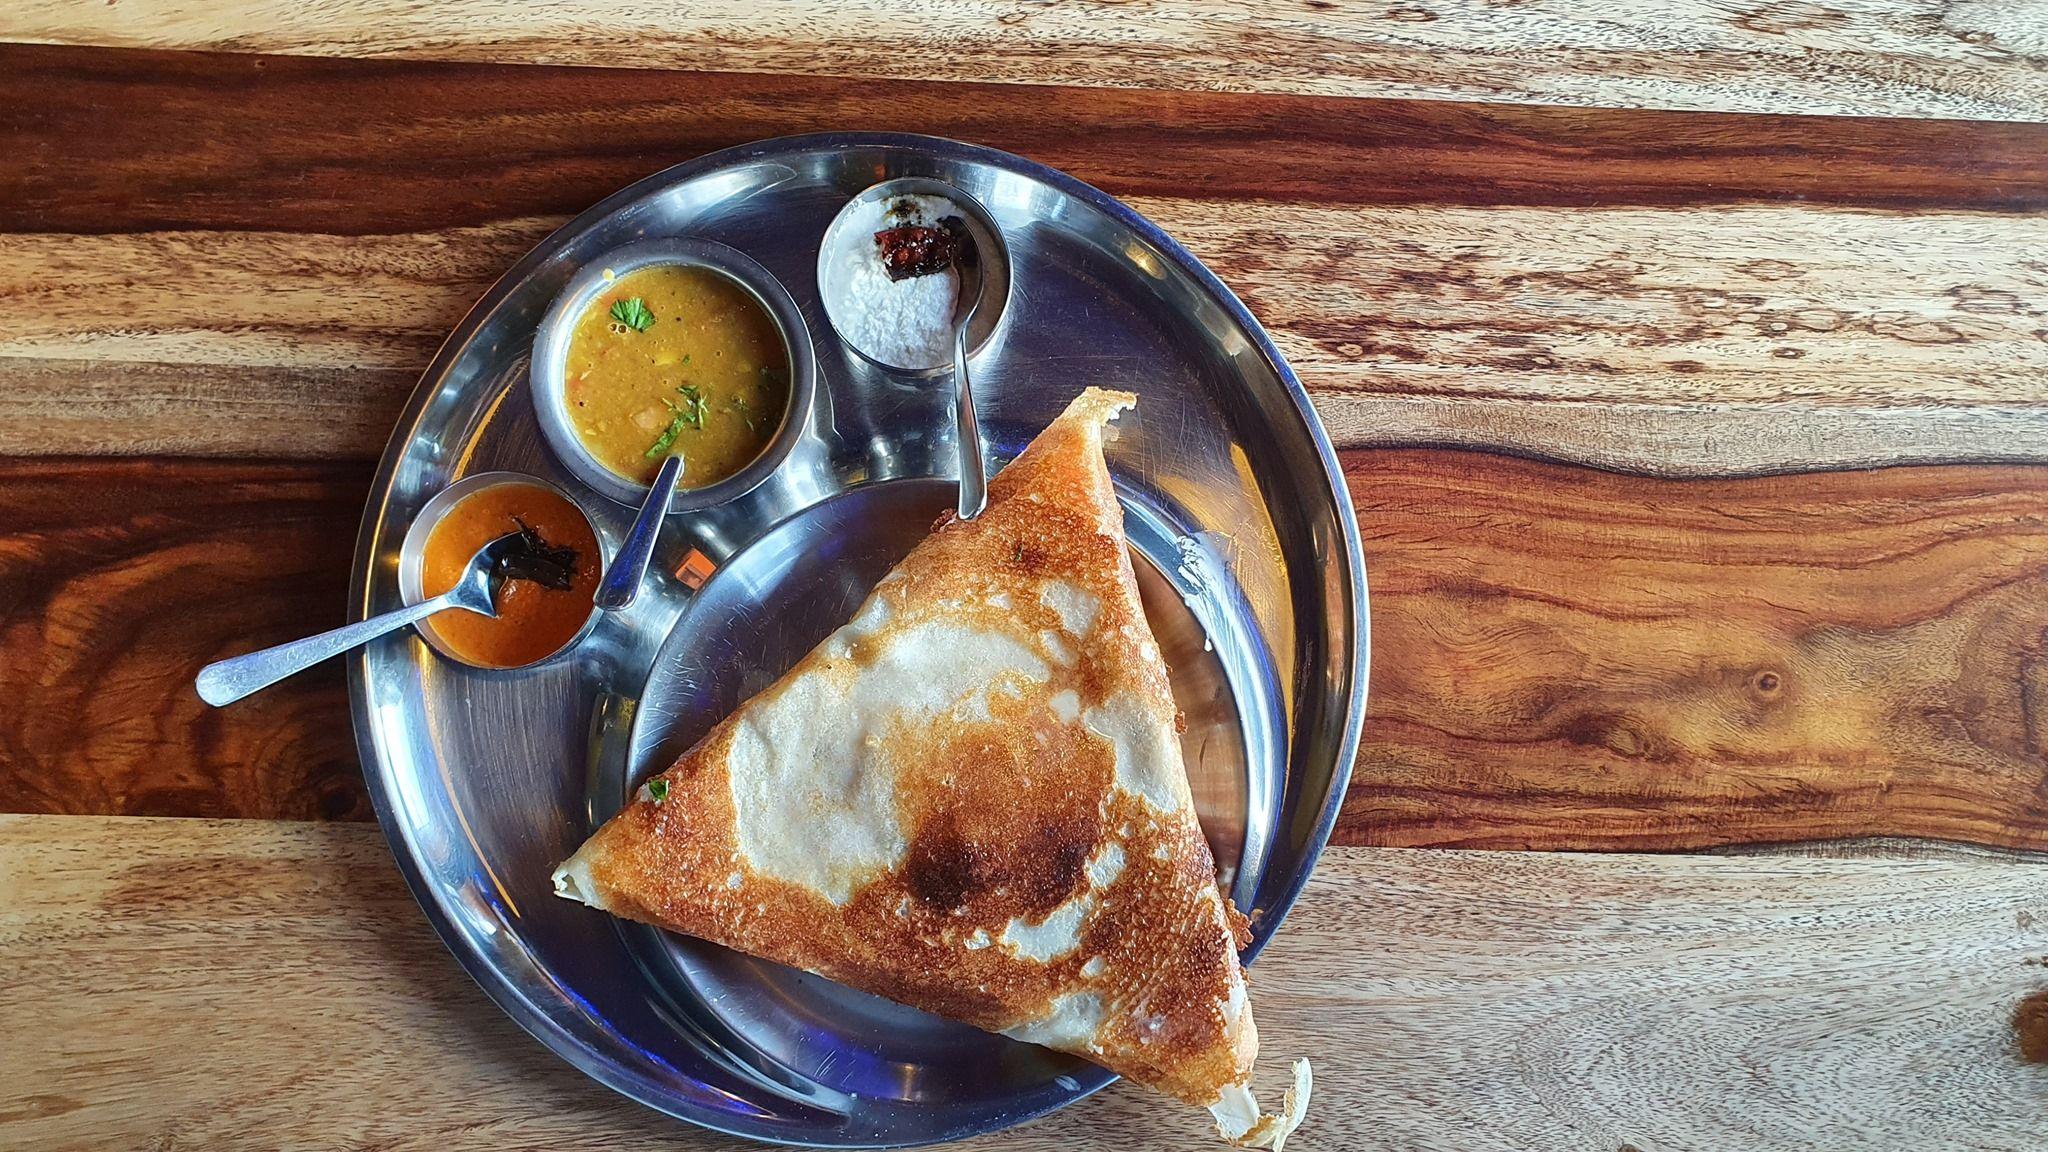 Tali To Duza Taca Na Ktorej Podajemy Czesc Naszych Dan To Bardzo Wygodny Sposob Serwowania Posilkow Lubicie Go Https Www Indi In 2020 Food Desserts Pudding